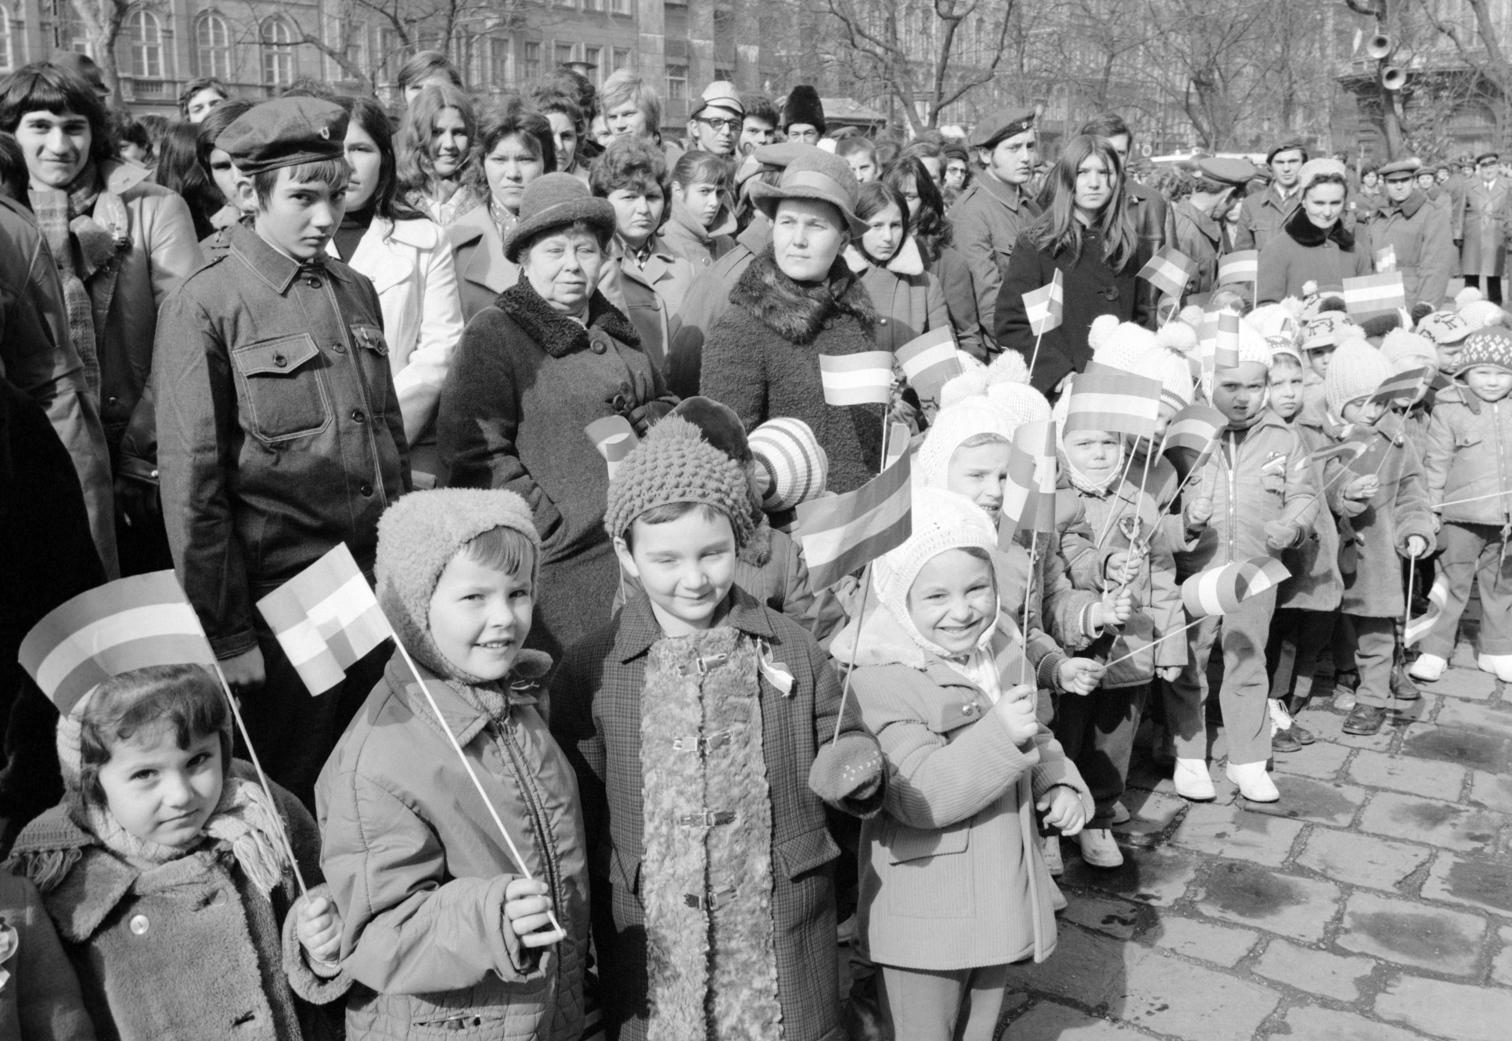 Budapest, 1973. március 15. Óvodások a Magyar Kommunista Ifjúsági Szövetség és a Hazafias Népfront által szervezett ifjúsági nagygyűlés résztvevői között a Nemzeti Múzeum kertjében. A nagygyűlés része volt a március 15-i ünnepségeknek. MTI Fotó: Szebellédy Géza